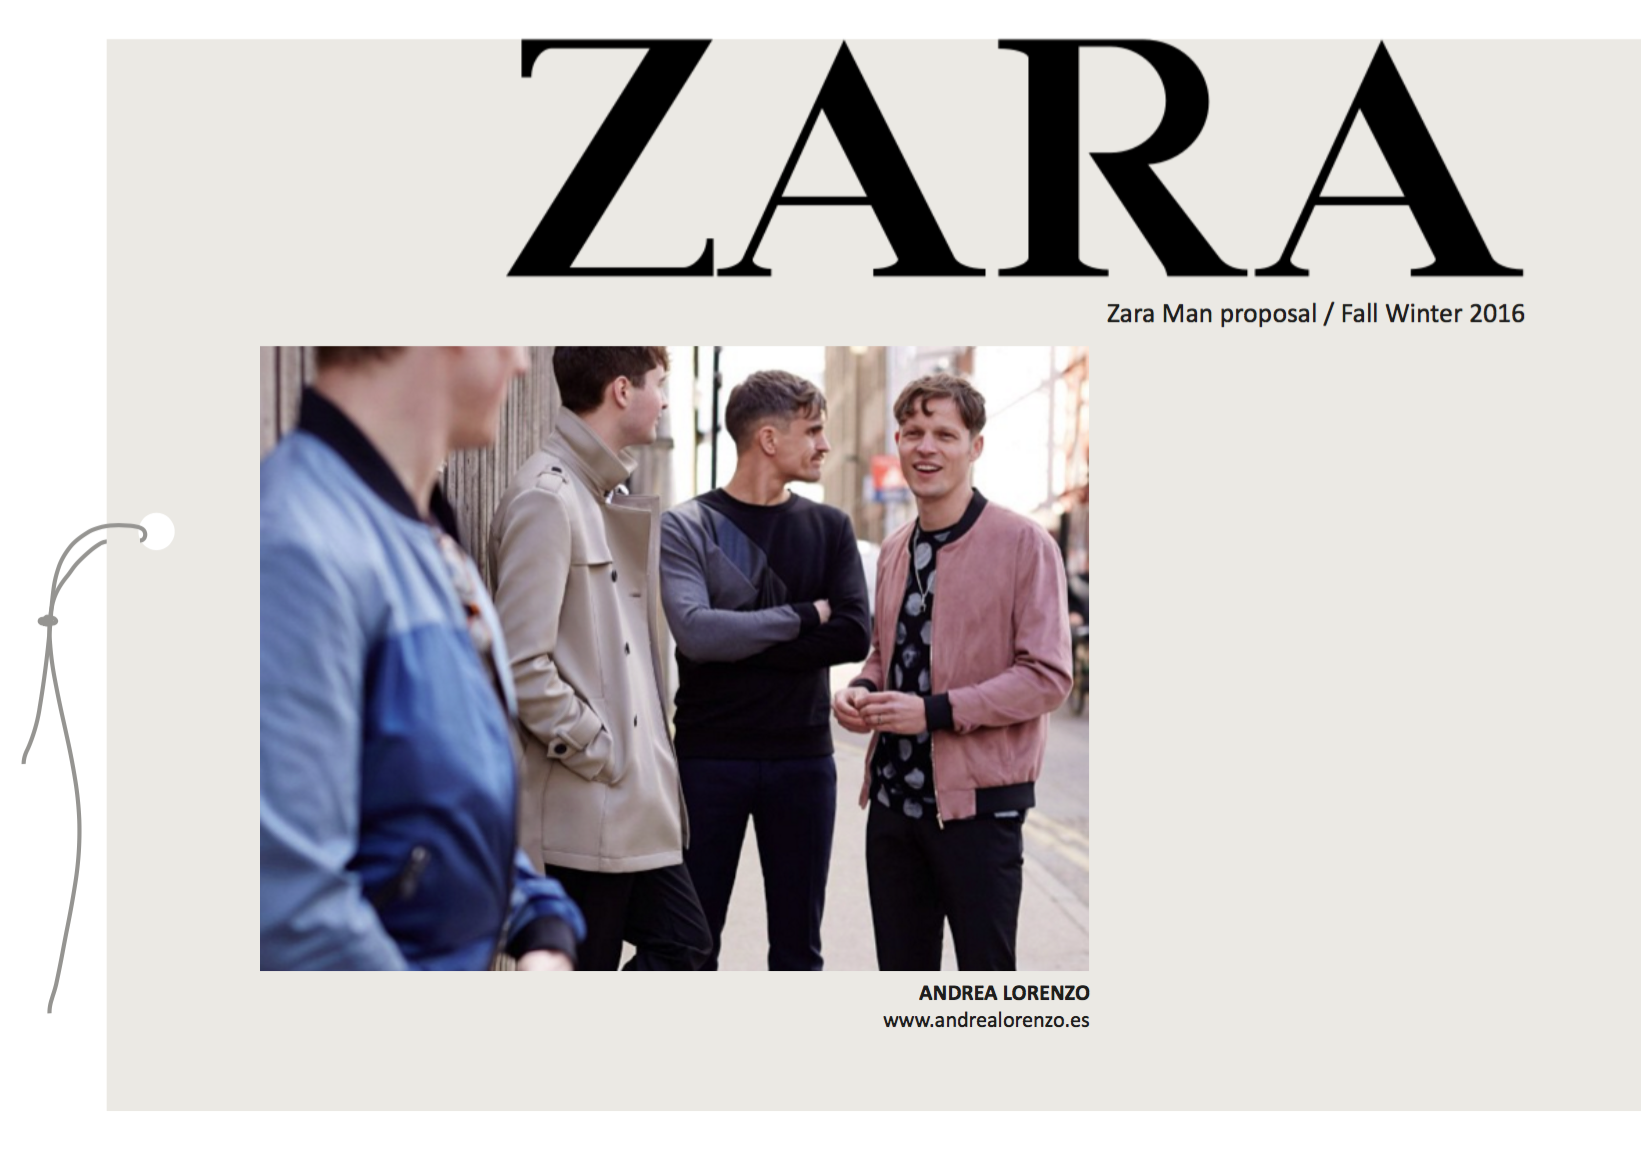 Andrea Lorenzo | Zara man